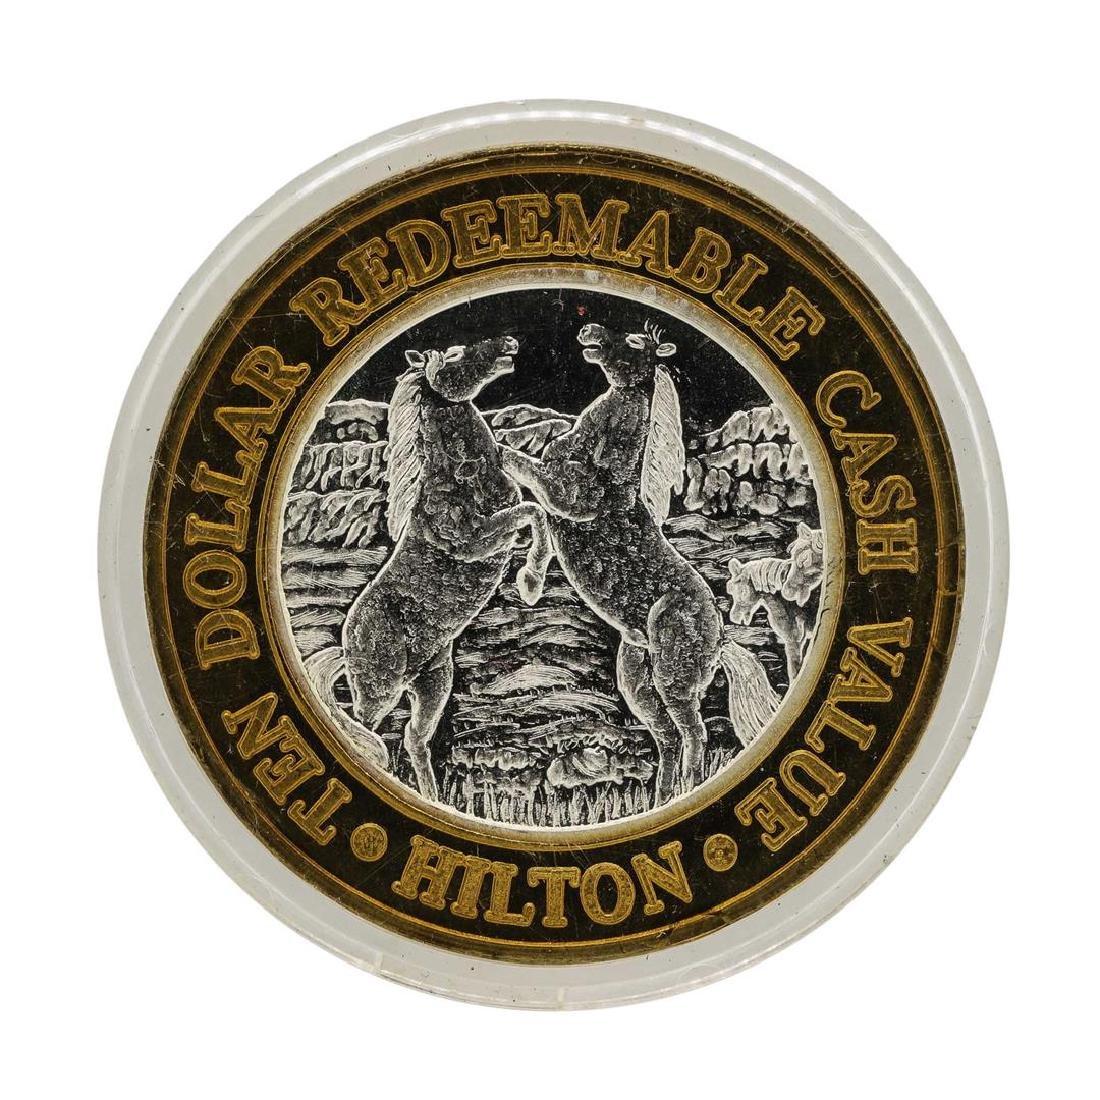 .999 Silver Hilton Reno, Nevada $10 Casino Limited